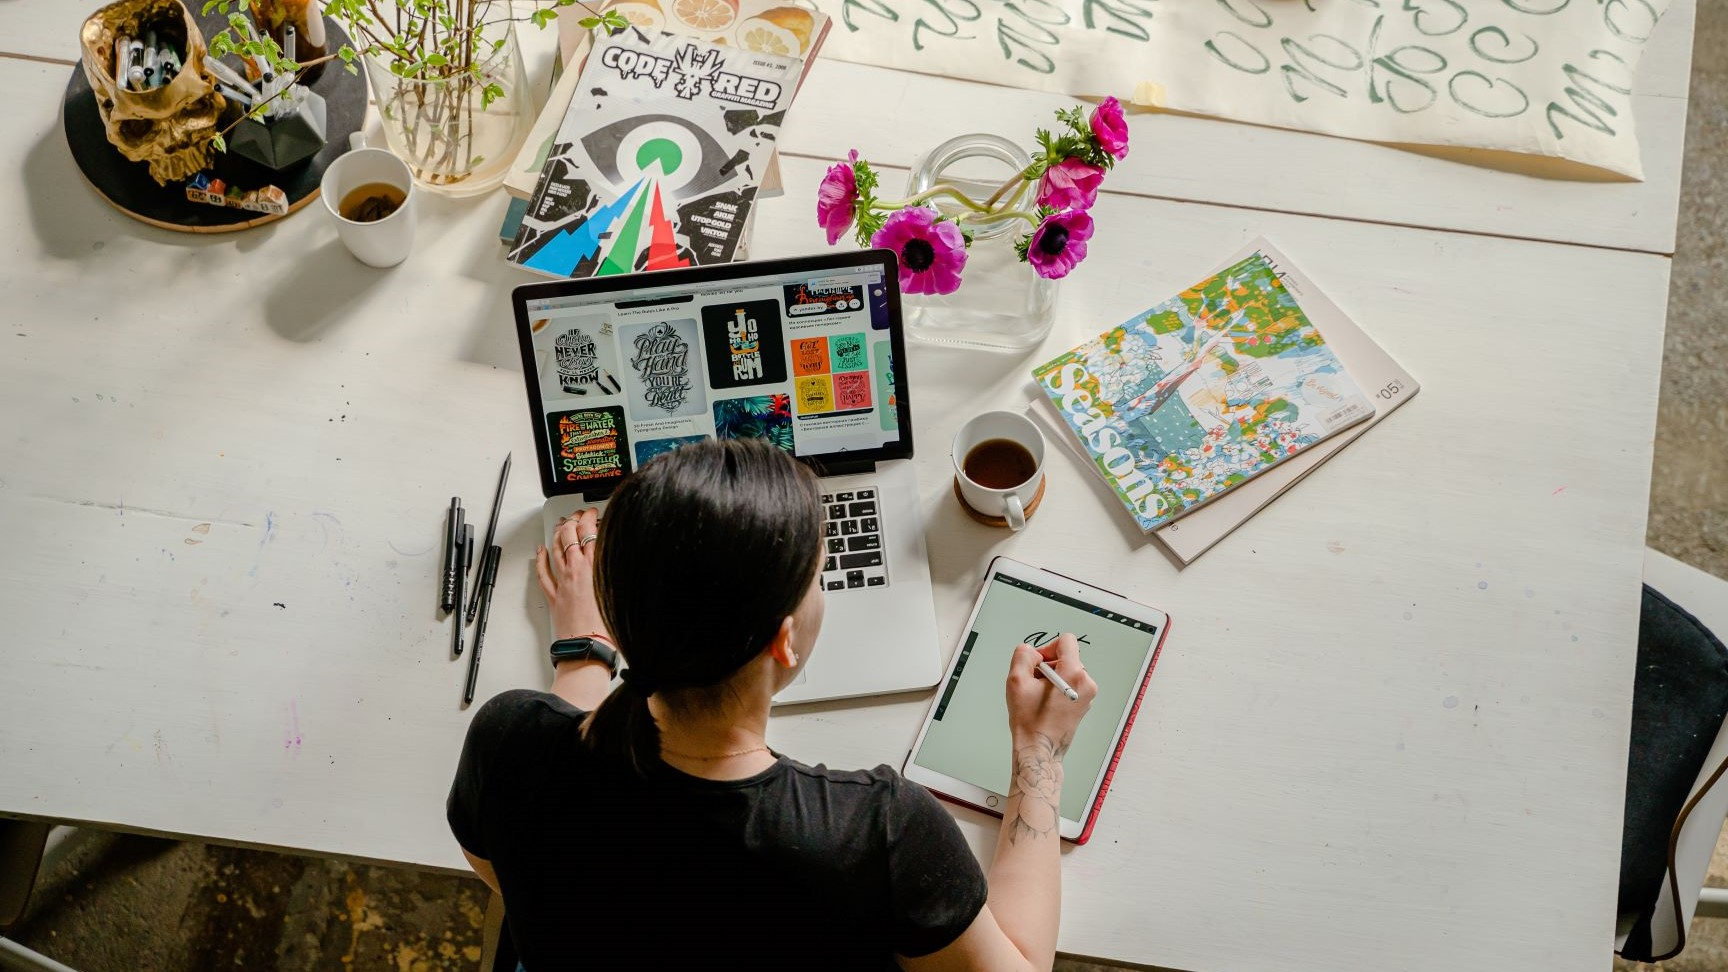 graphic designer creating a logo design